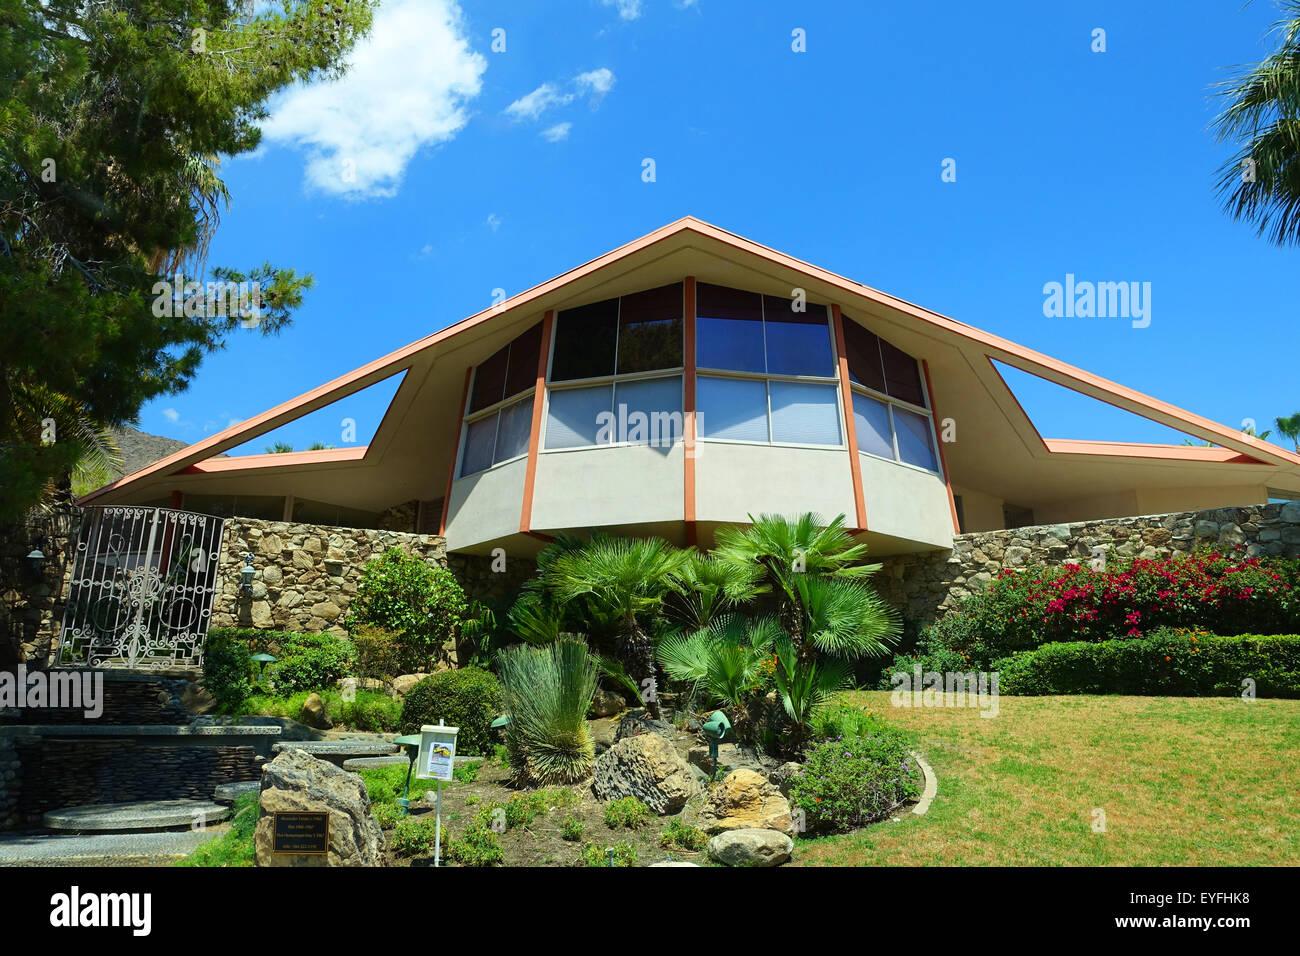 Fantastisch Mitte Des Jahrhunderts Moderne Haus In Palm Springs, Kalifornien Von  Frischvermählten Elvis Und Priscilla Presley Besetzt. (Honeymoon Hideaway)